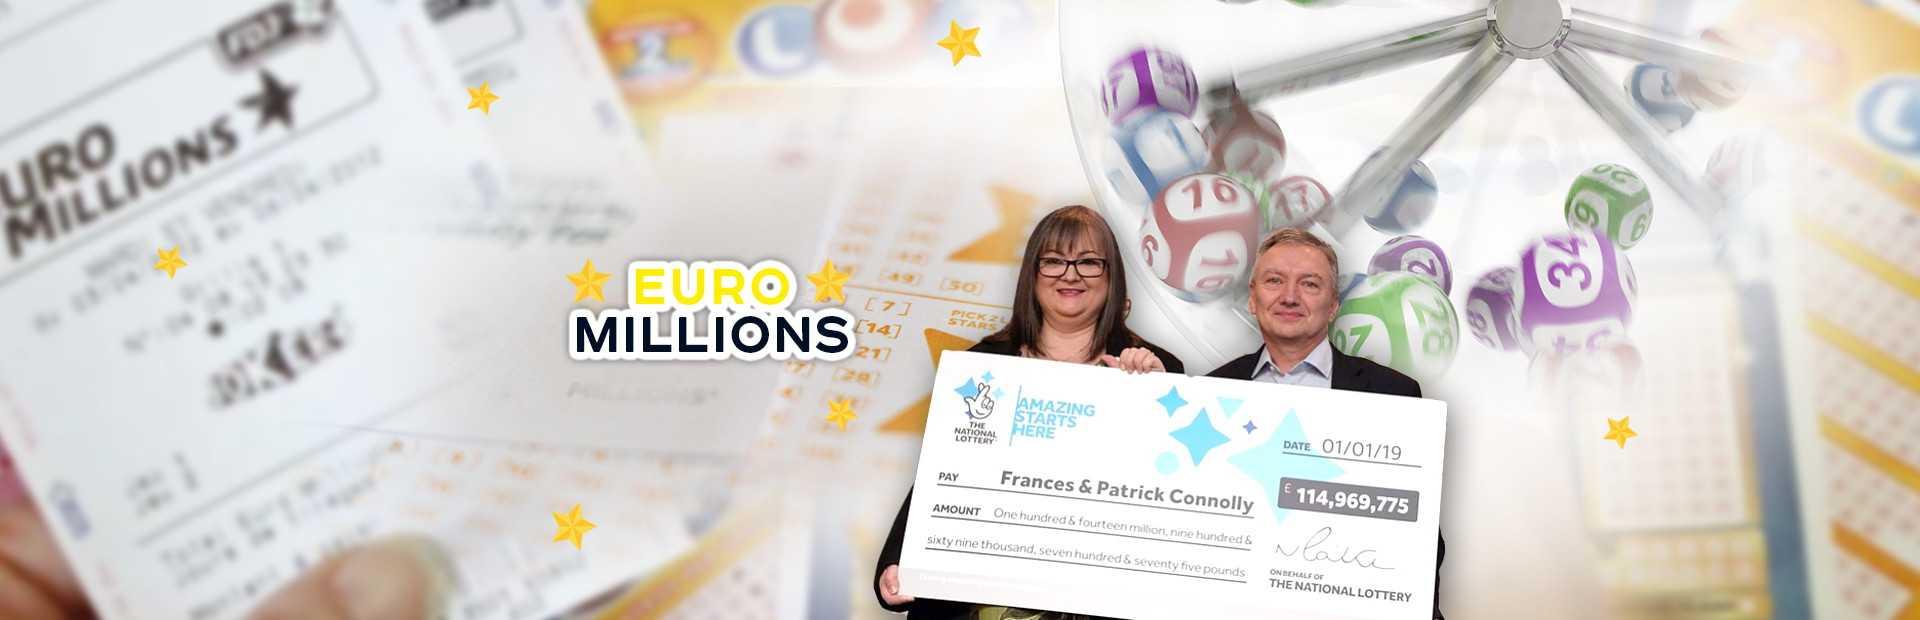 Fransk lotteri euromillioner og min million tombola (5 из 50 + 2 av 12)